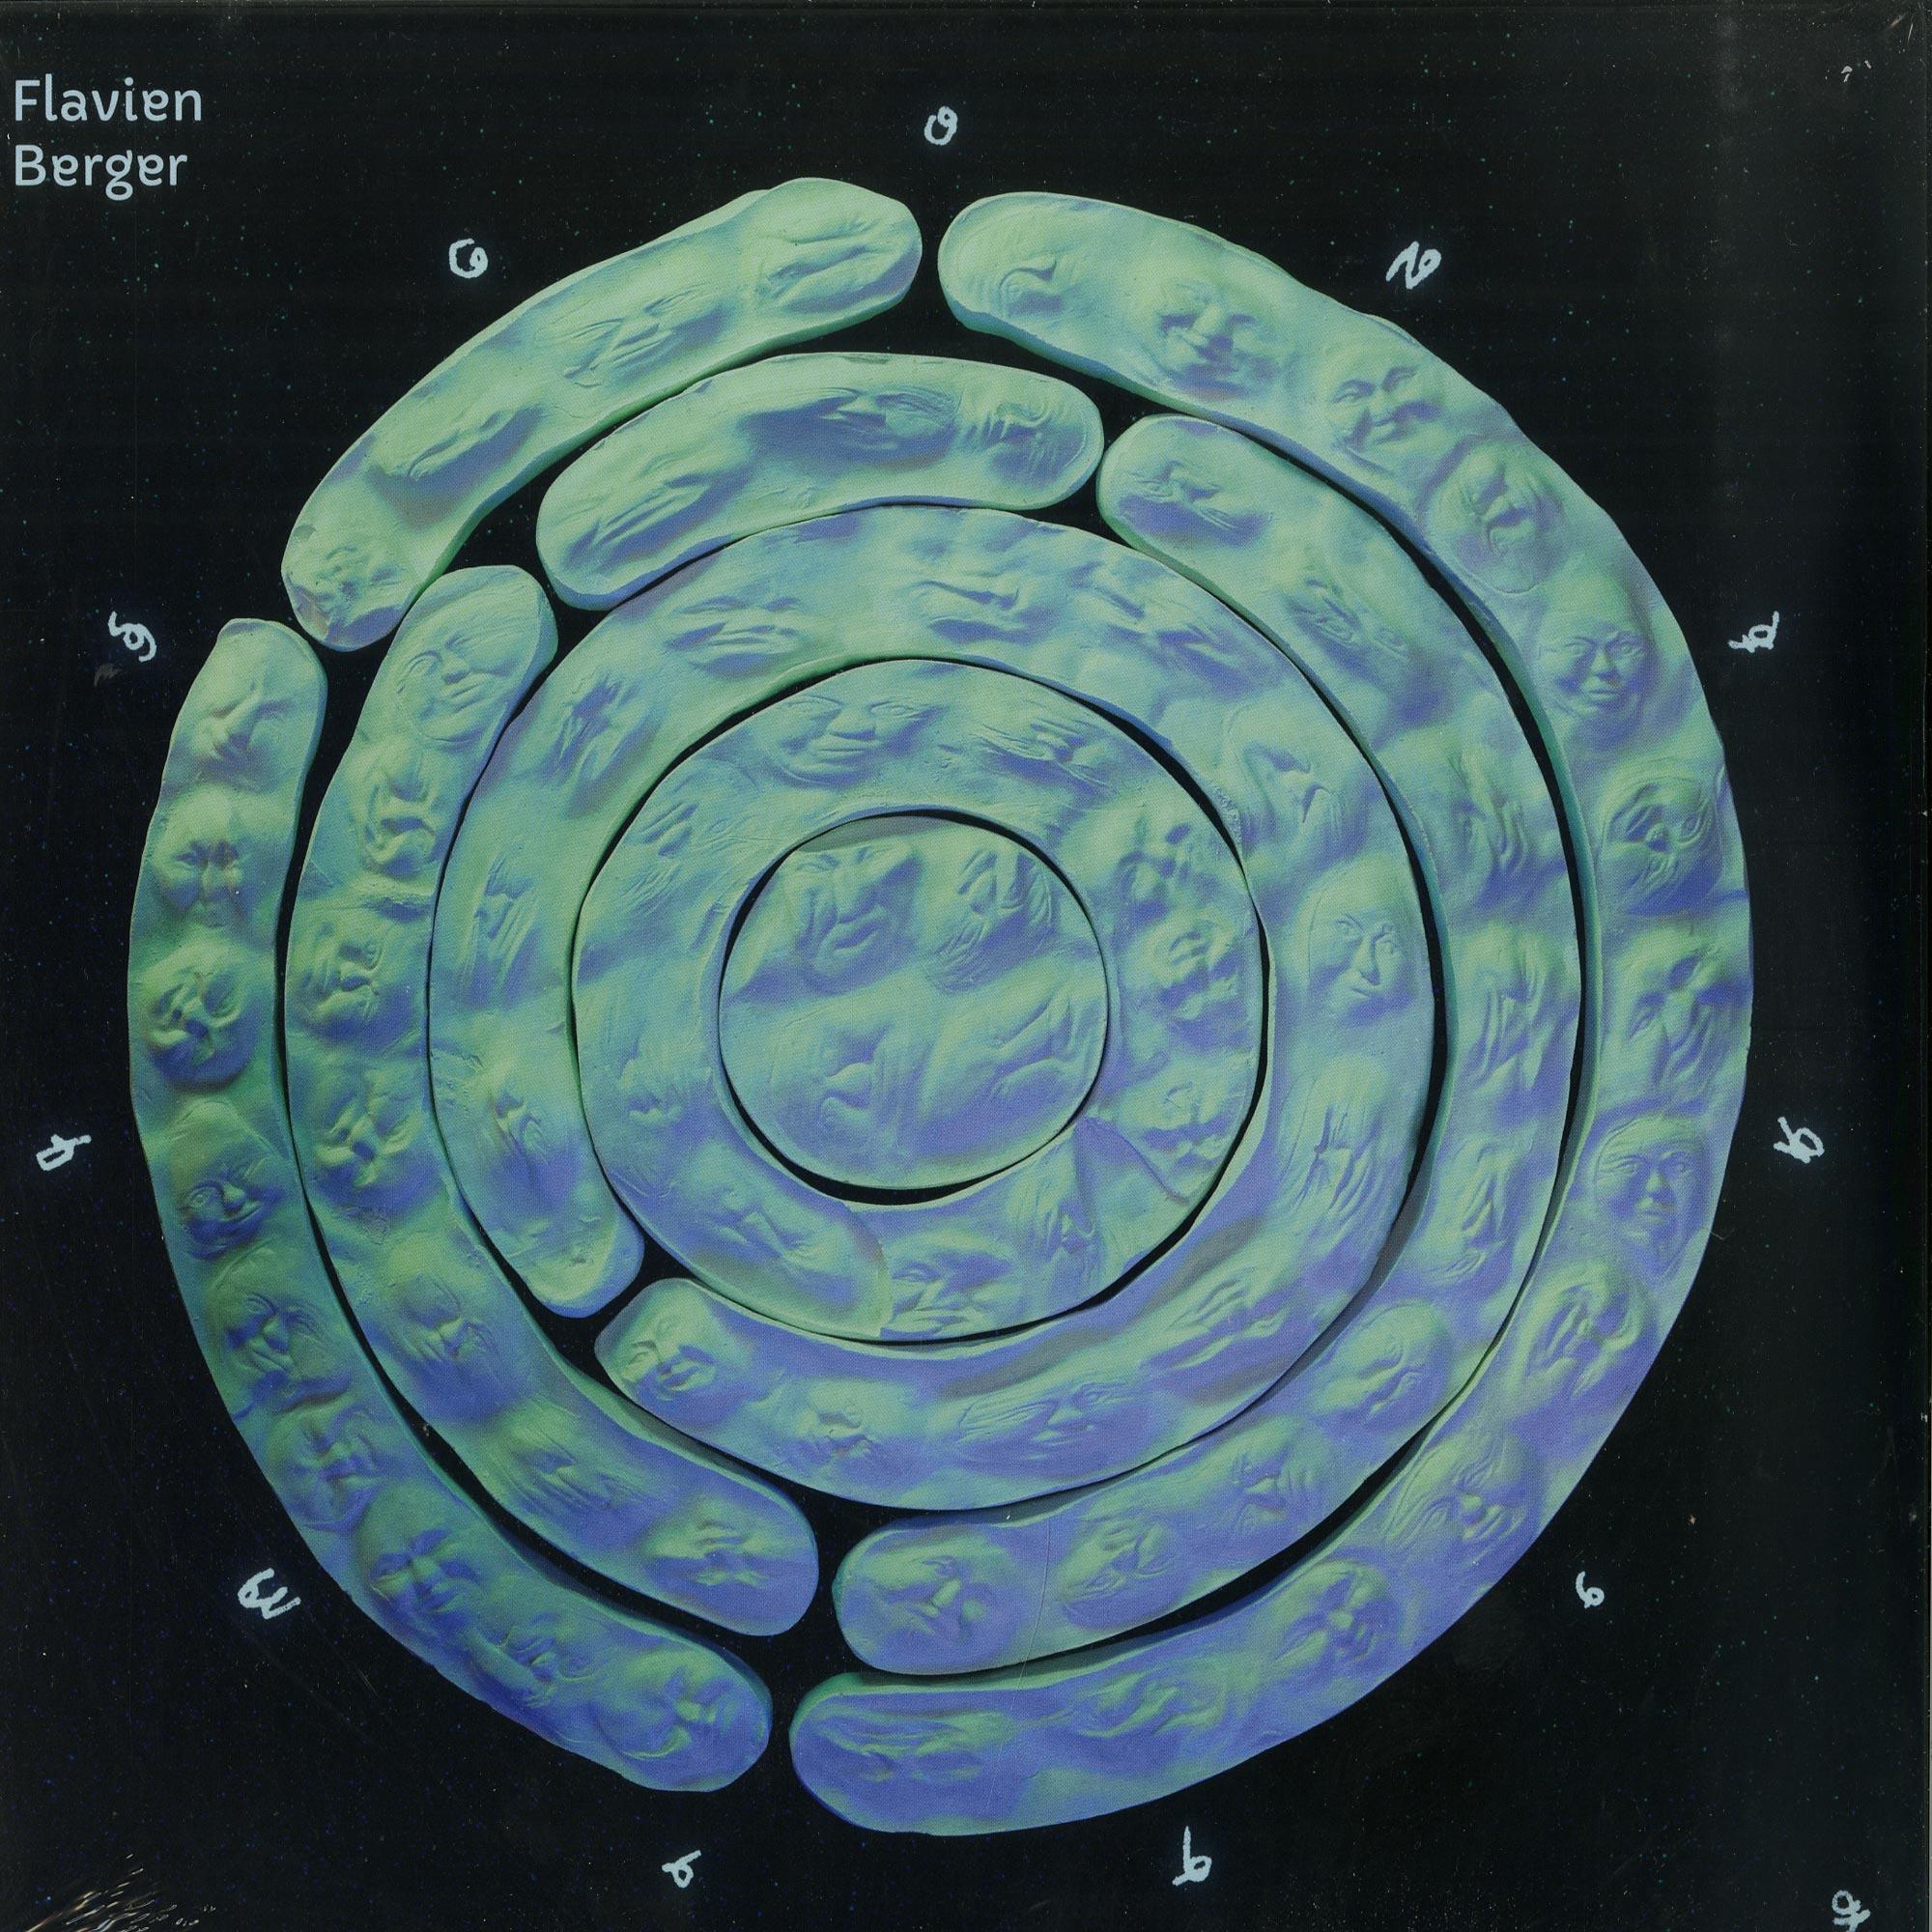 Flavien Berger - CONTRE TEMPS